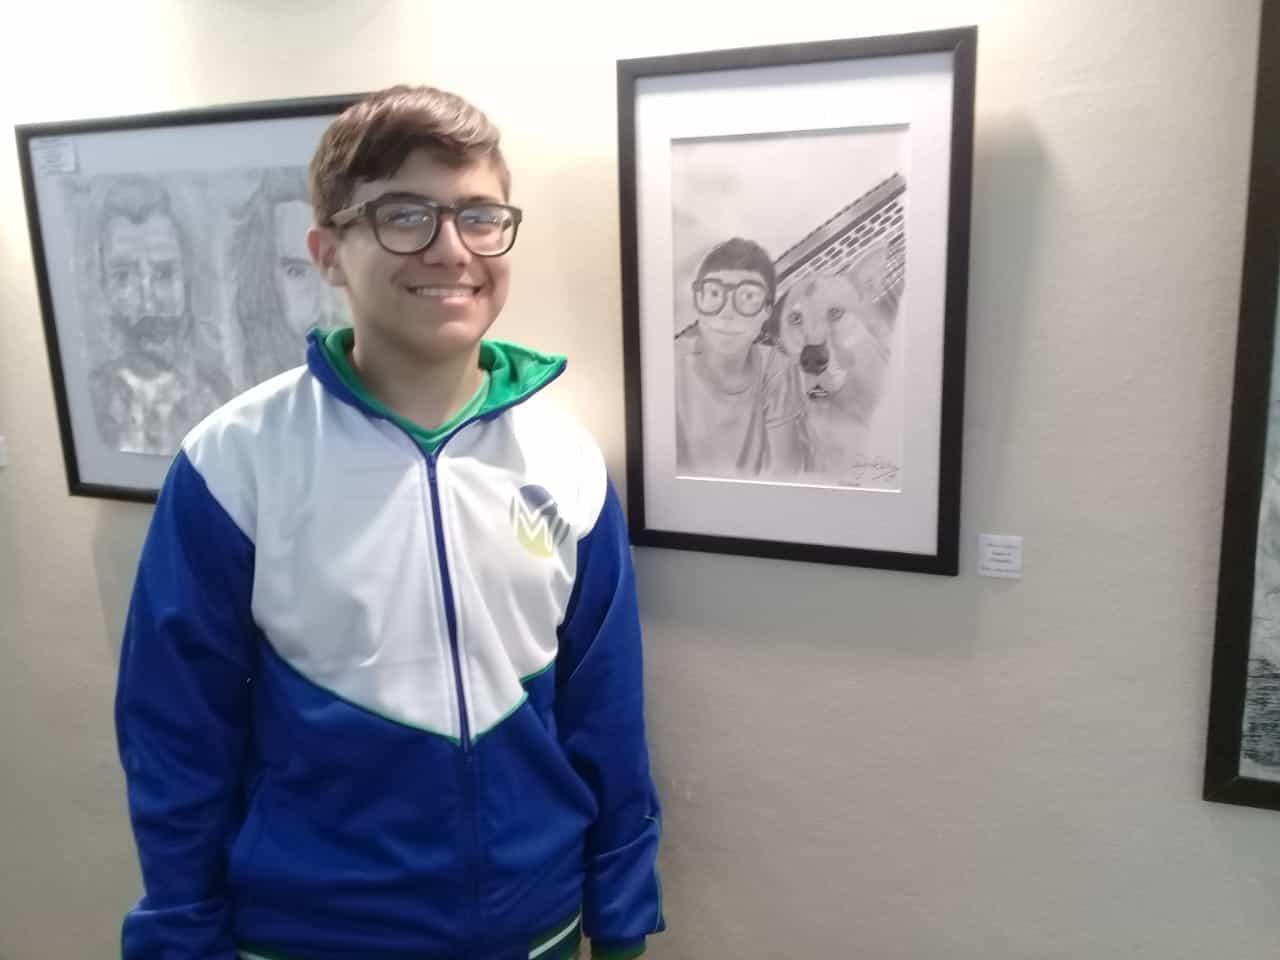 Juan Ignacio, el joven artista de Ituzaingó que recibió una mención en los Juegos Bonaerenses